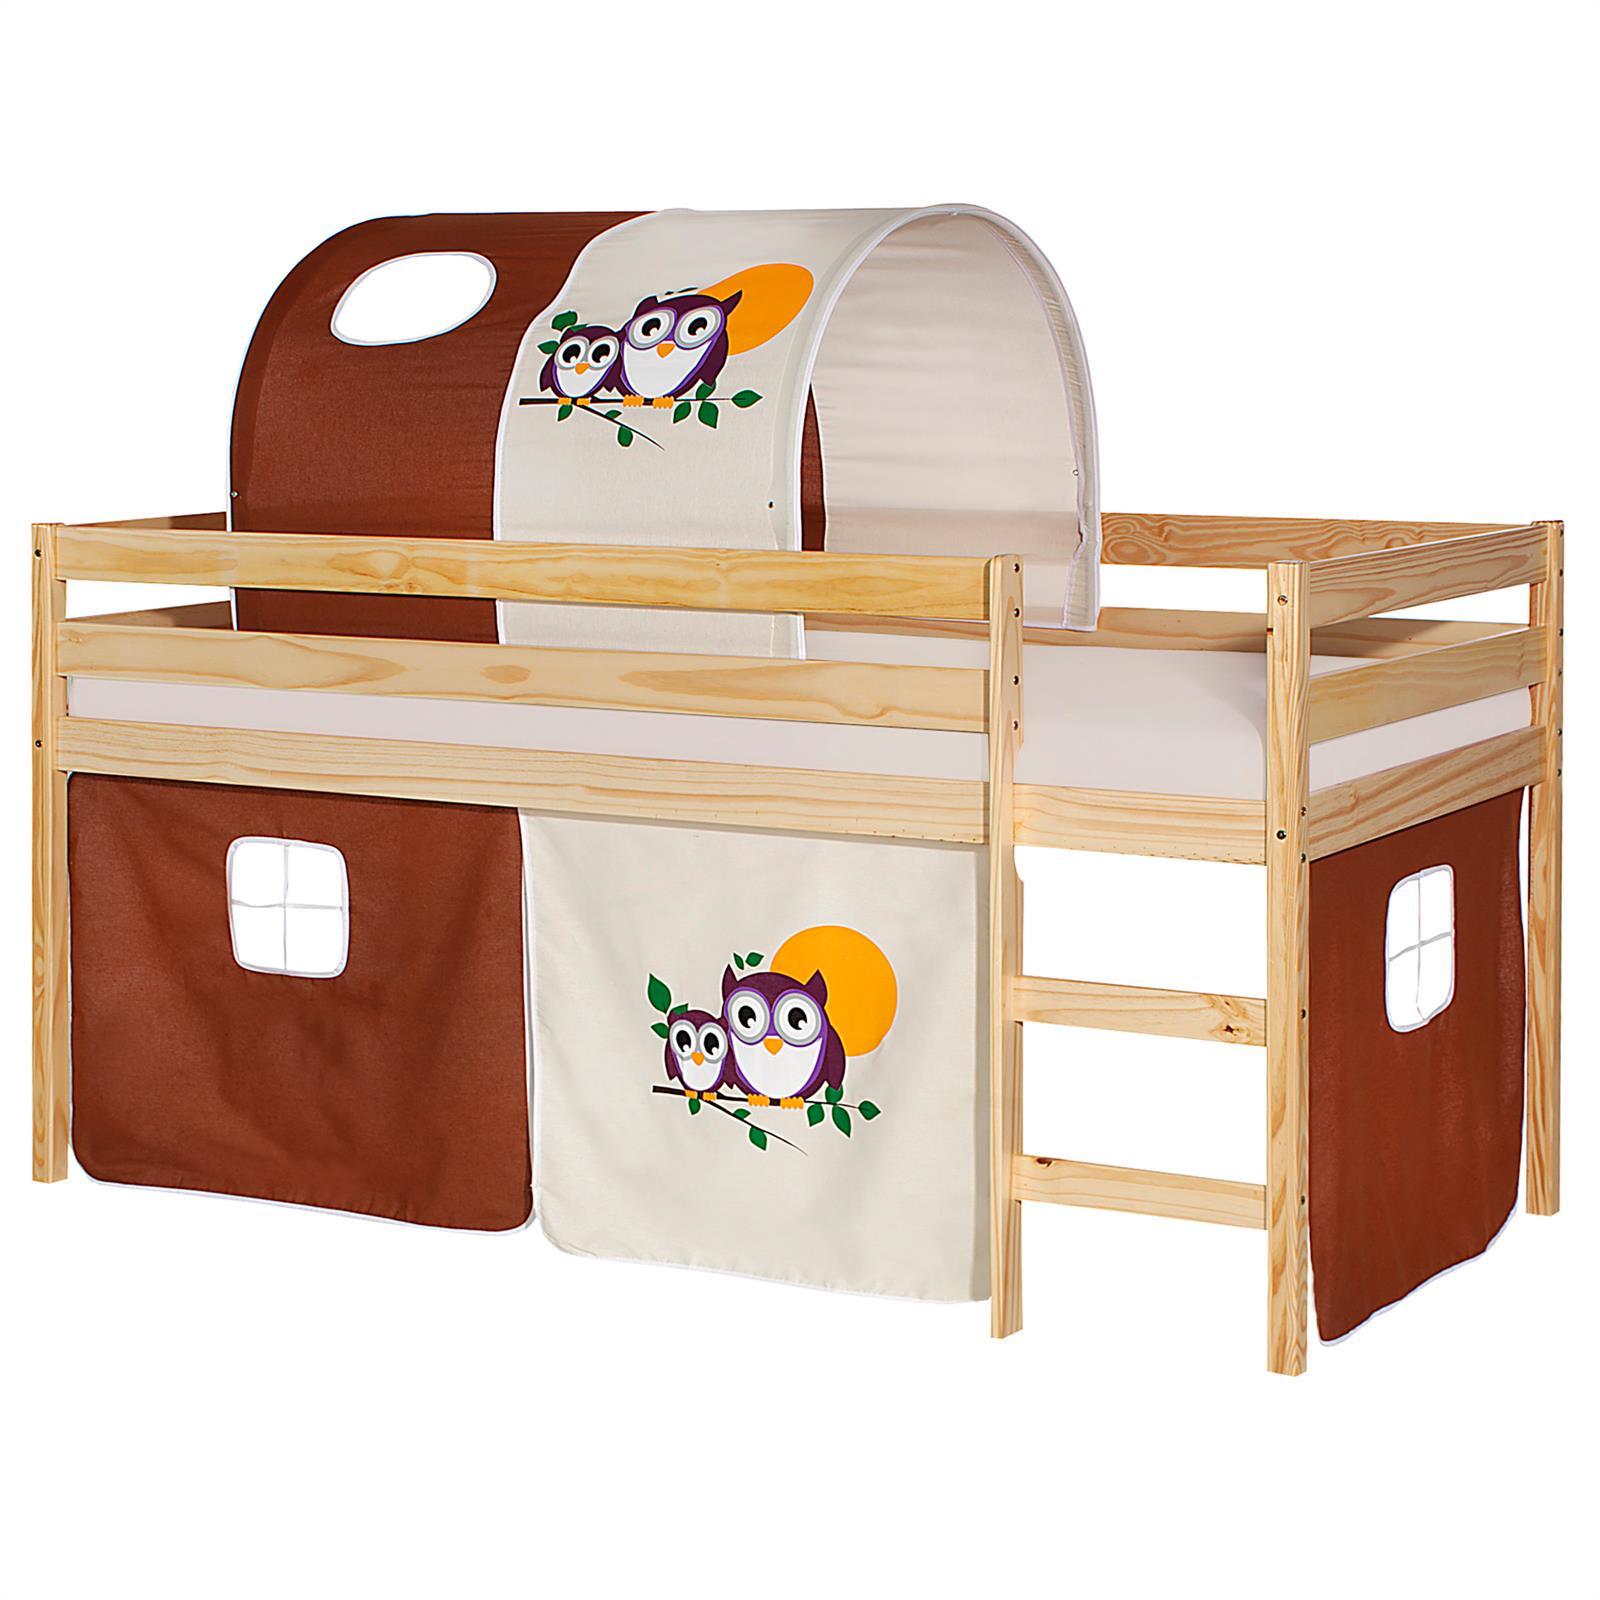 hochbett erik natur mit vorhang tunnel eule mobilia24. Black Bedroom Furniture Sets. Home Design Ideas